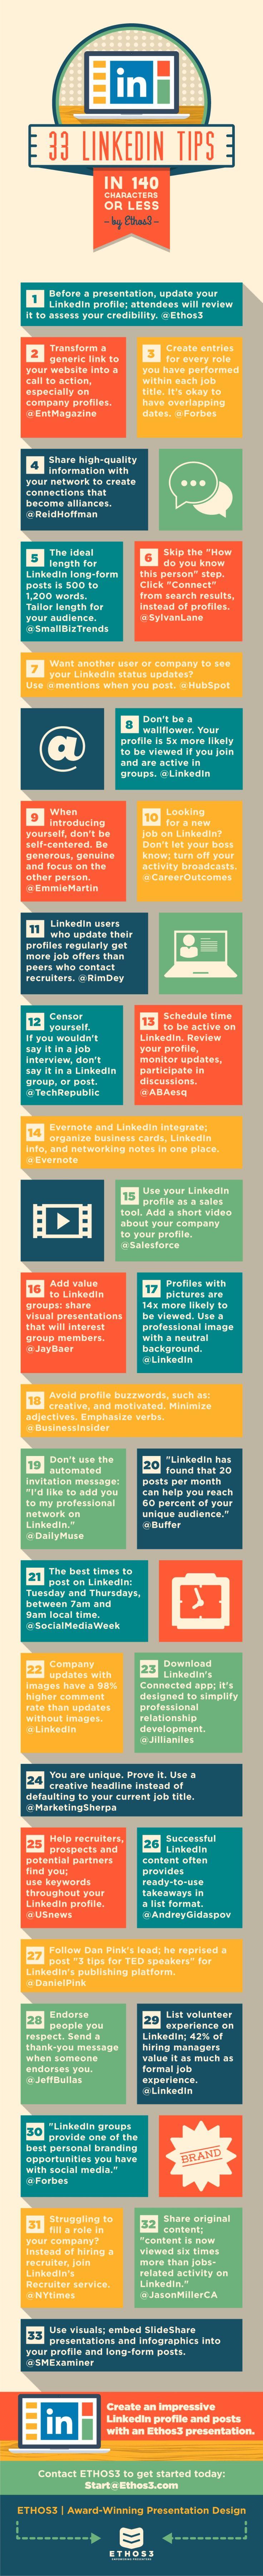 33 LinkedIn tips